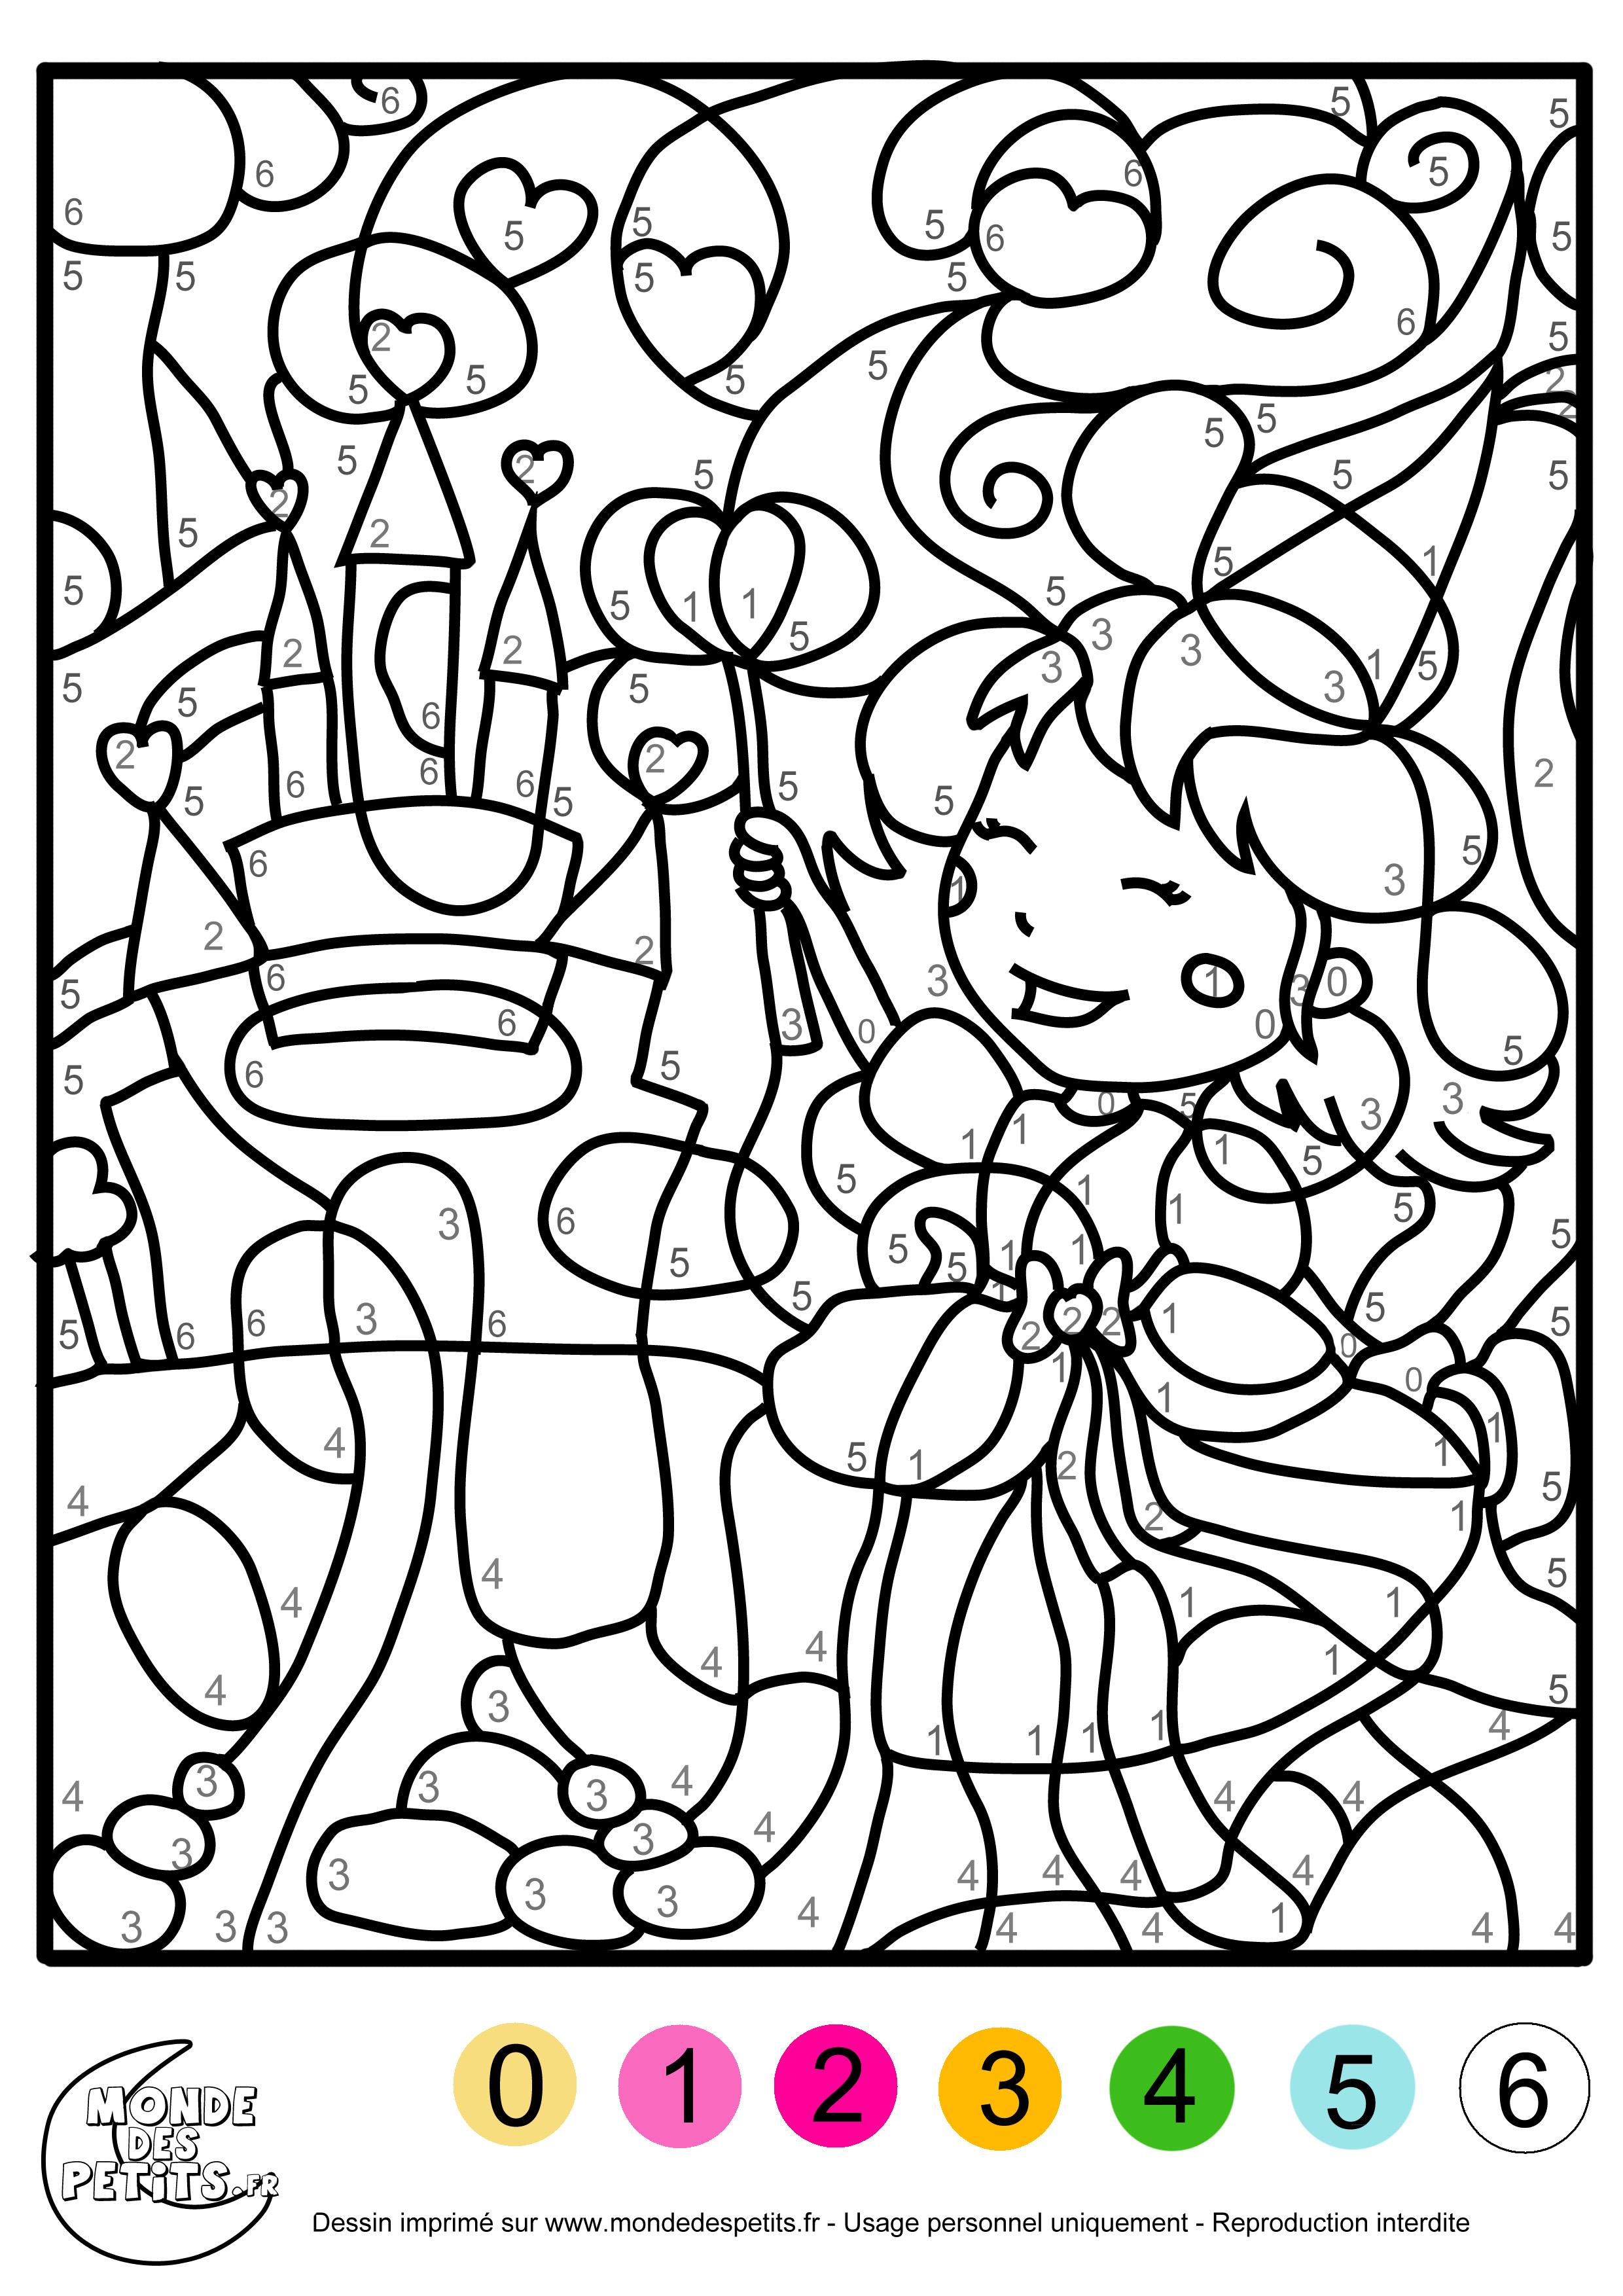 Monde Des Petits - Coloriages À Imprimer dedans Coloriage À Imprimer Avec Code Couleur